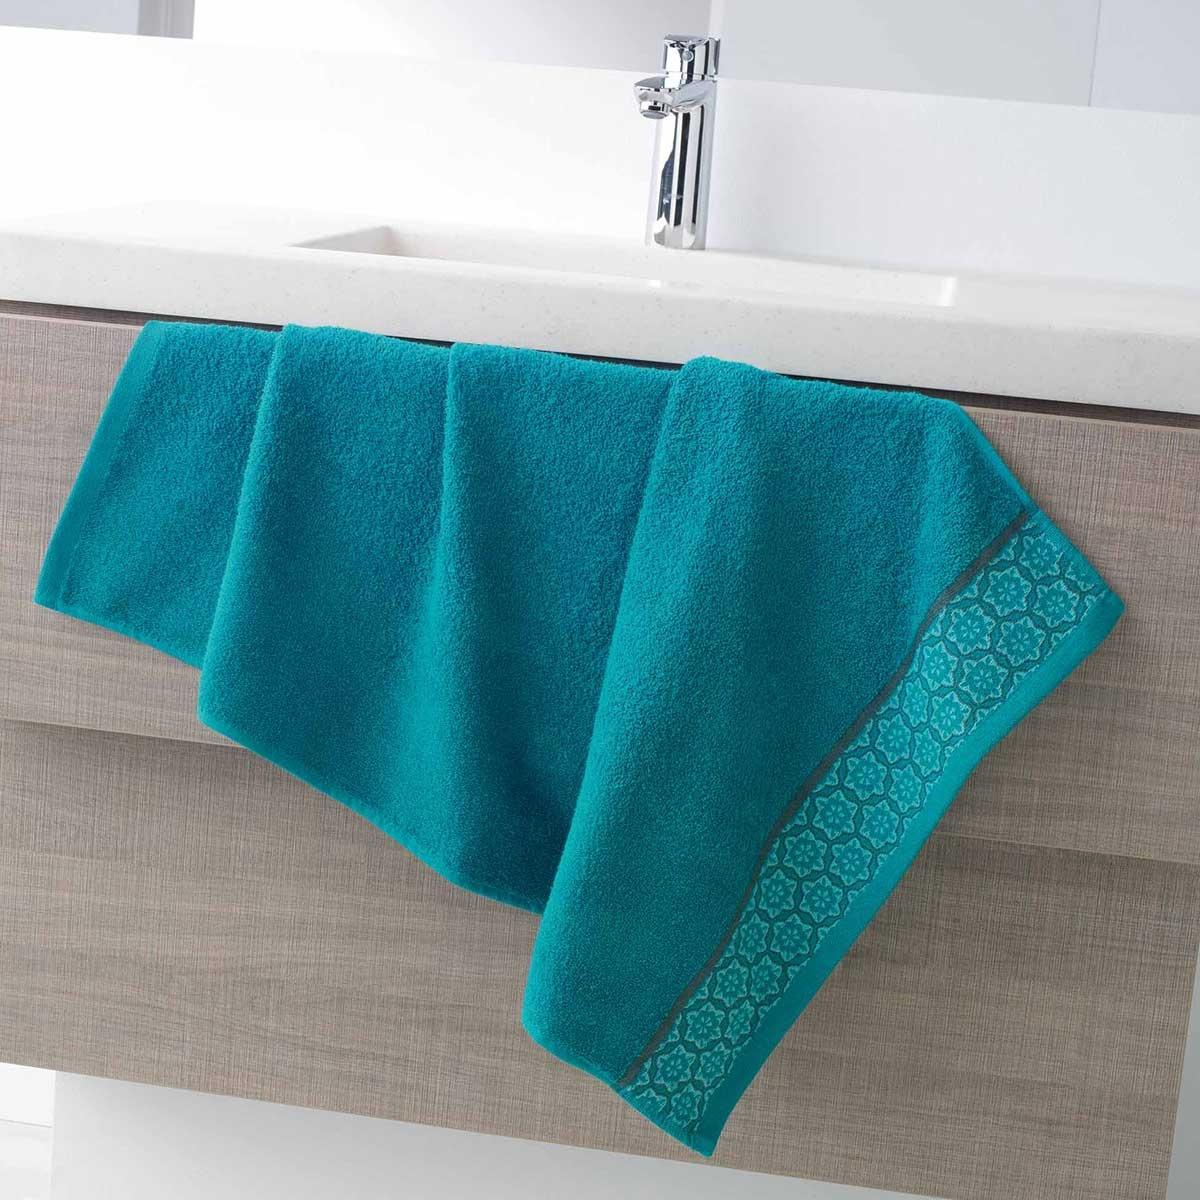 Serviette de Toilette en Eponge Unie avec Liteau Jacquard (Bleu)